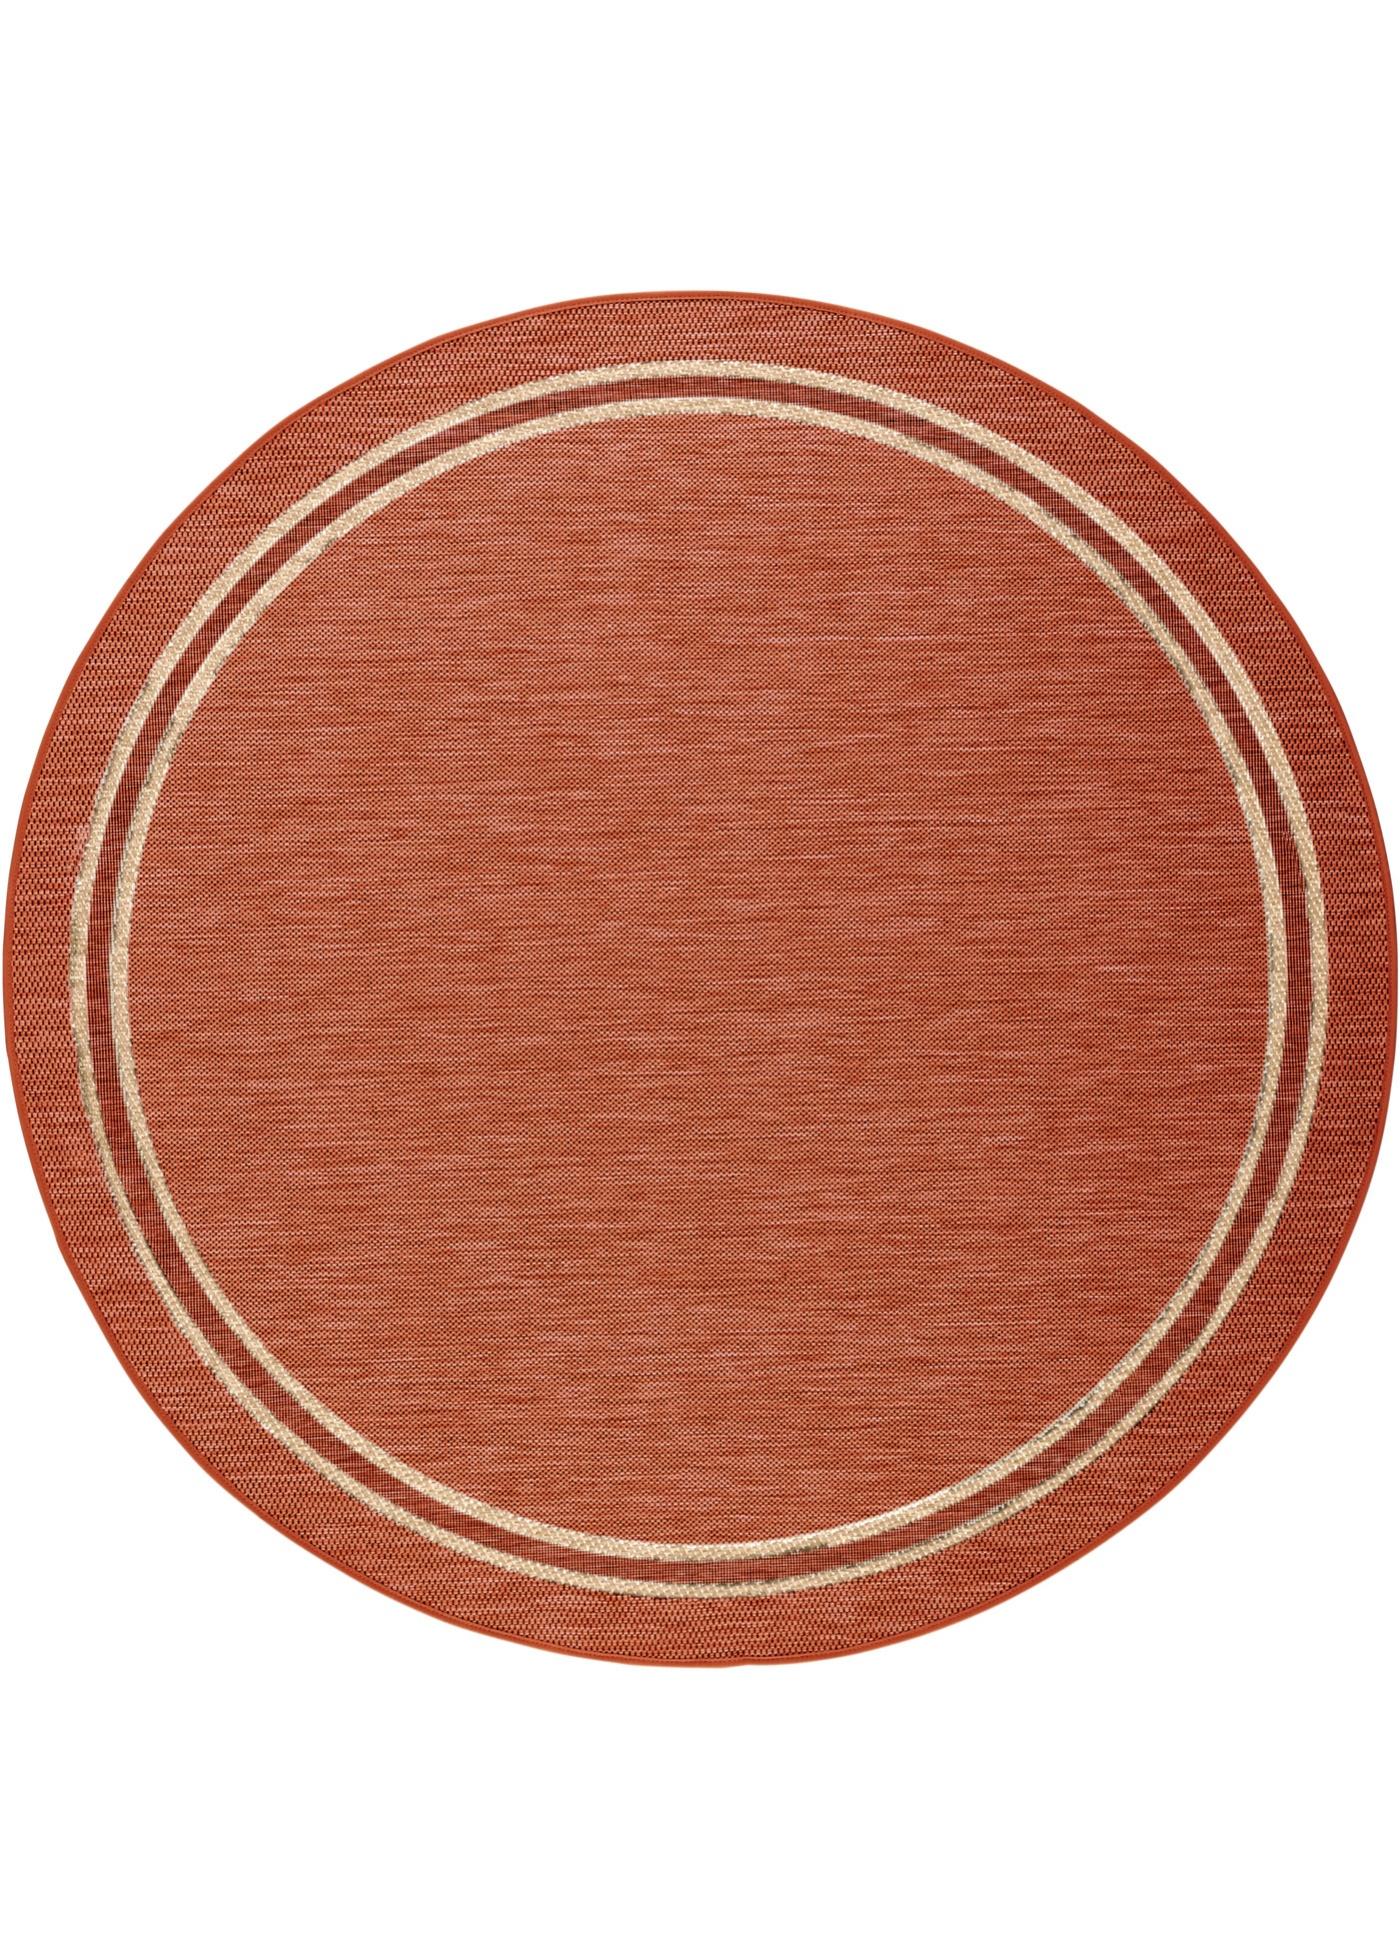 Tapis rond avec bordure, intérieur et extérieur